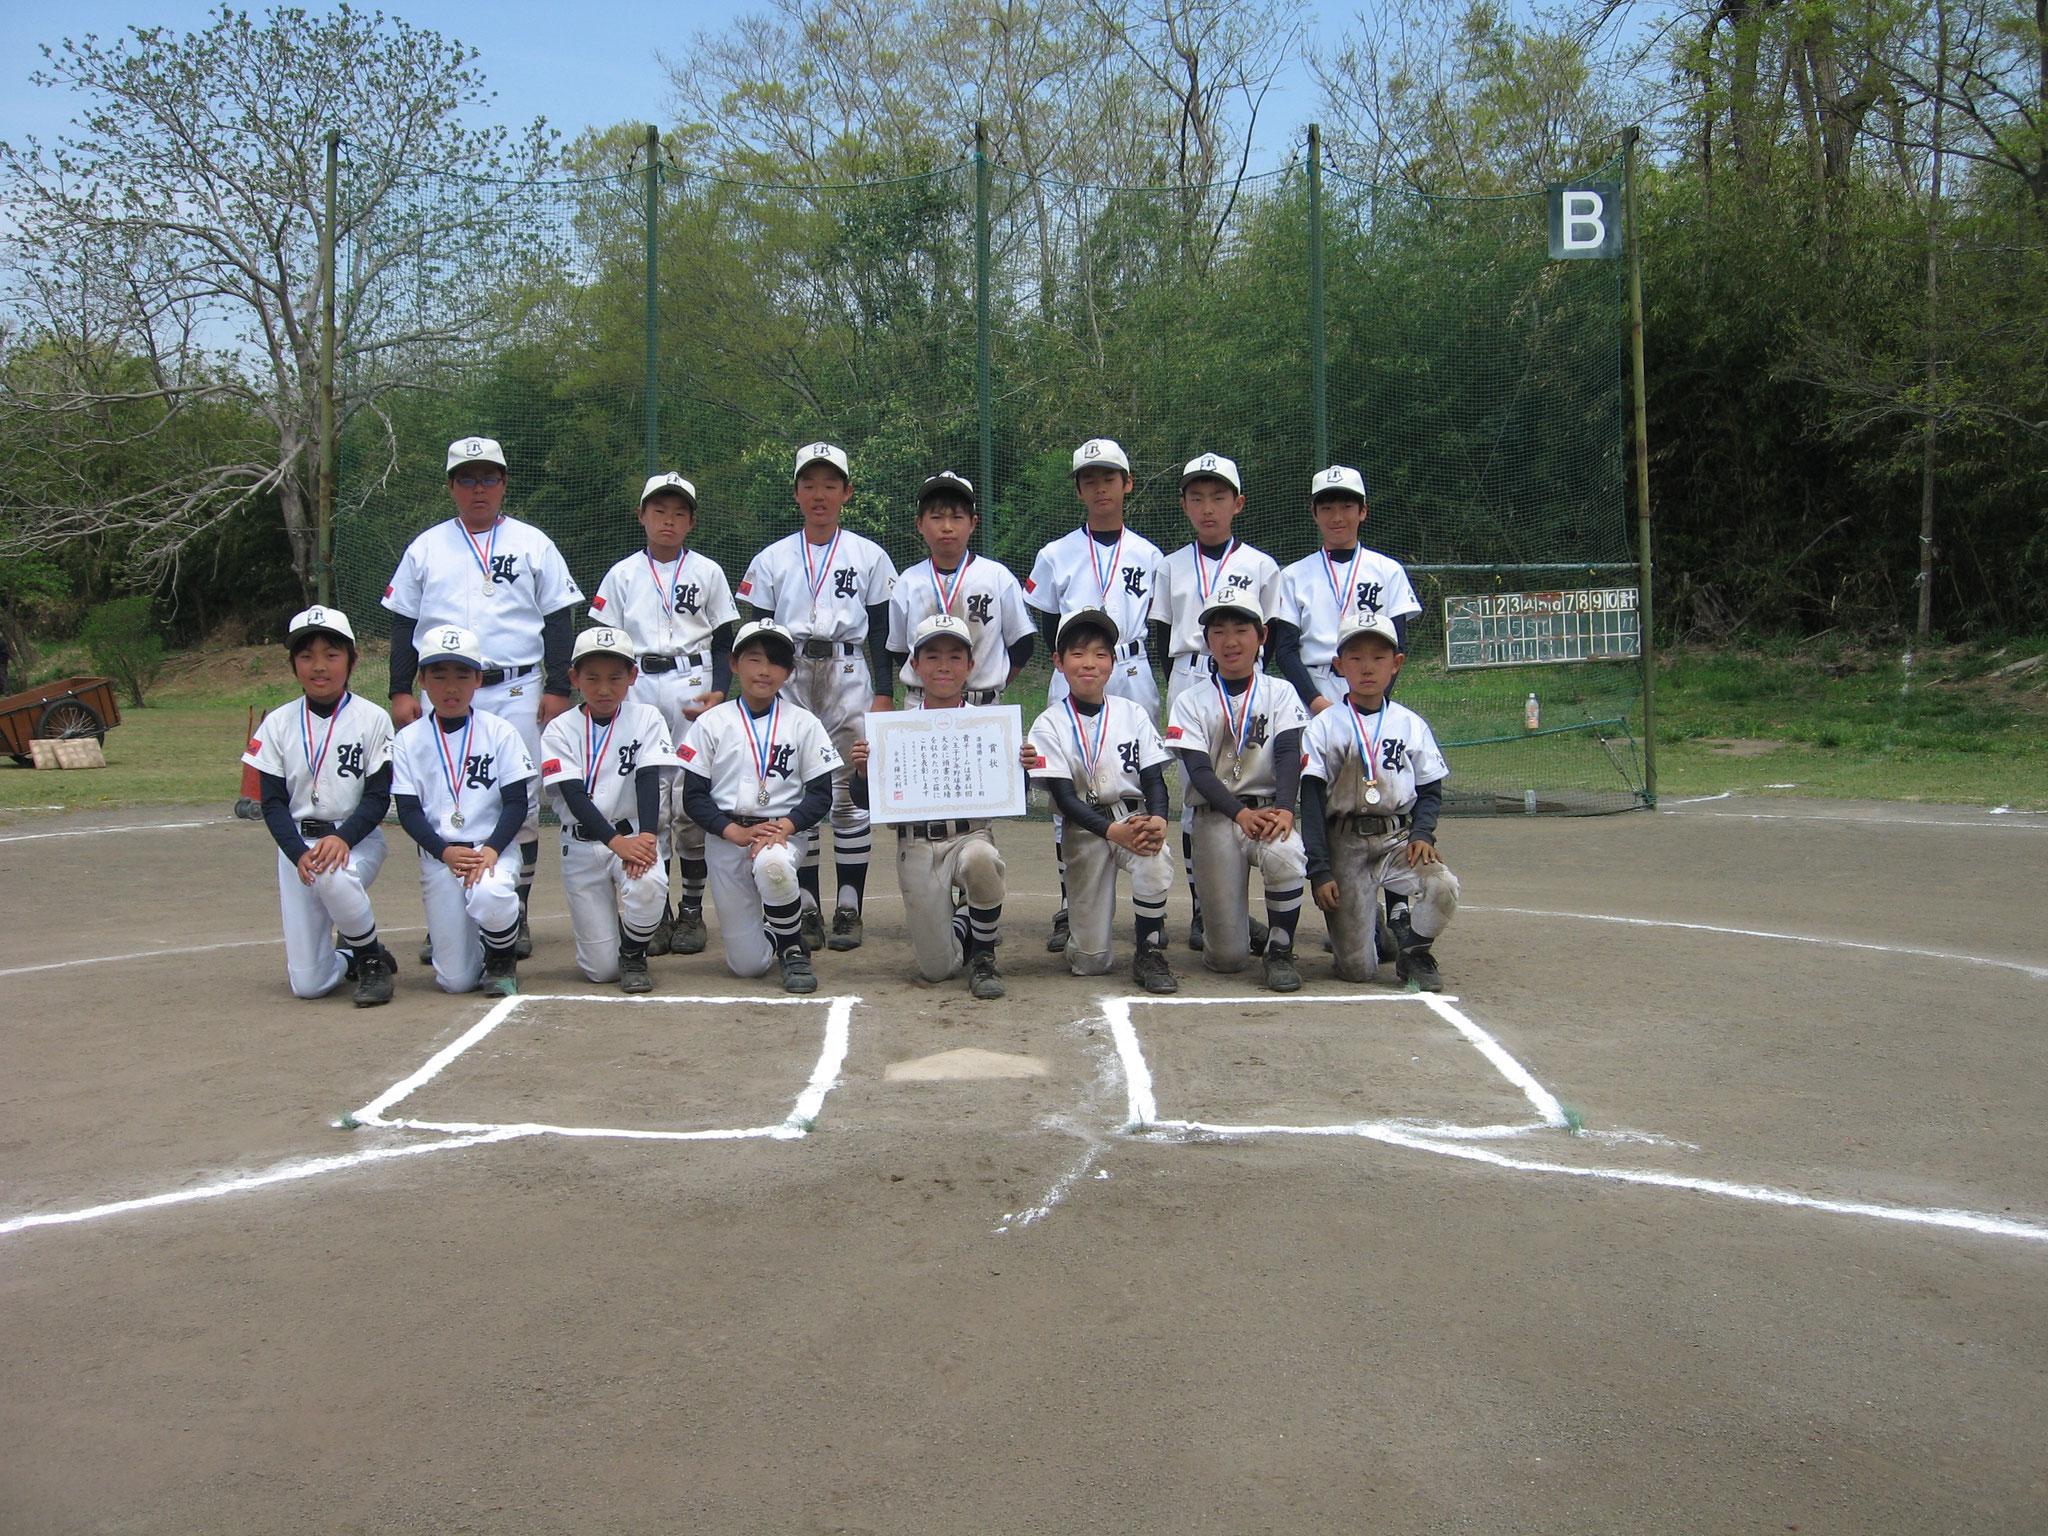 第44回 八王子市少年軟式野球春季大会・準優勝 第三地区ライオンズ 2019年4月21日